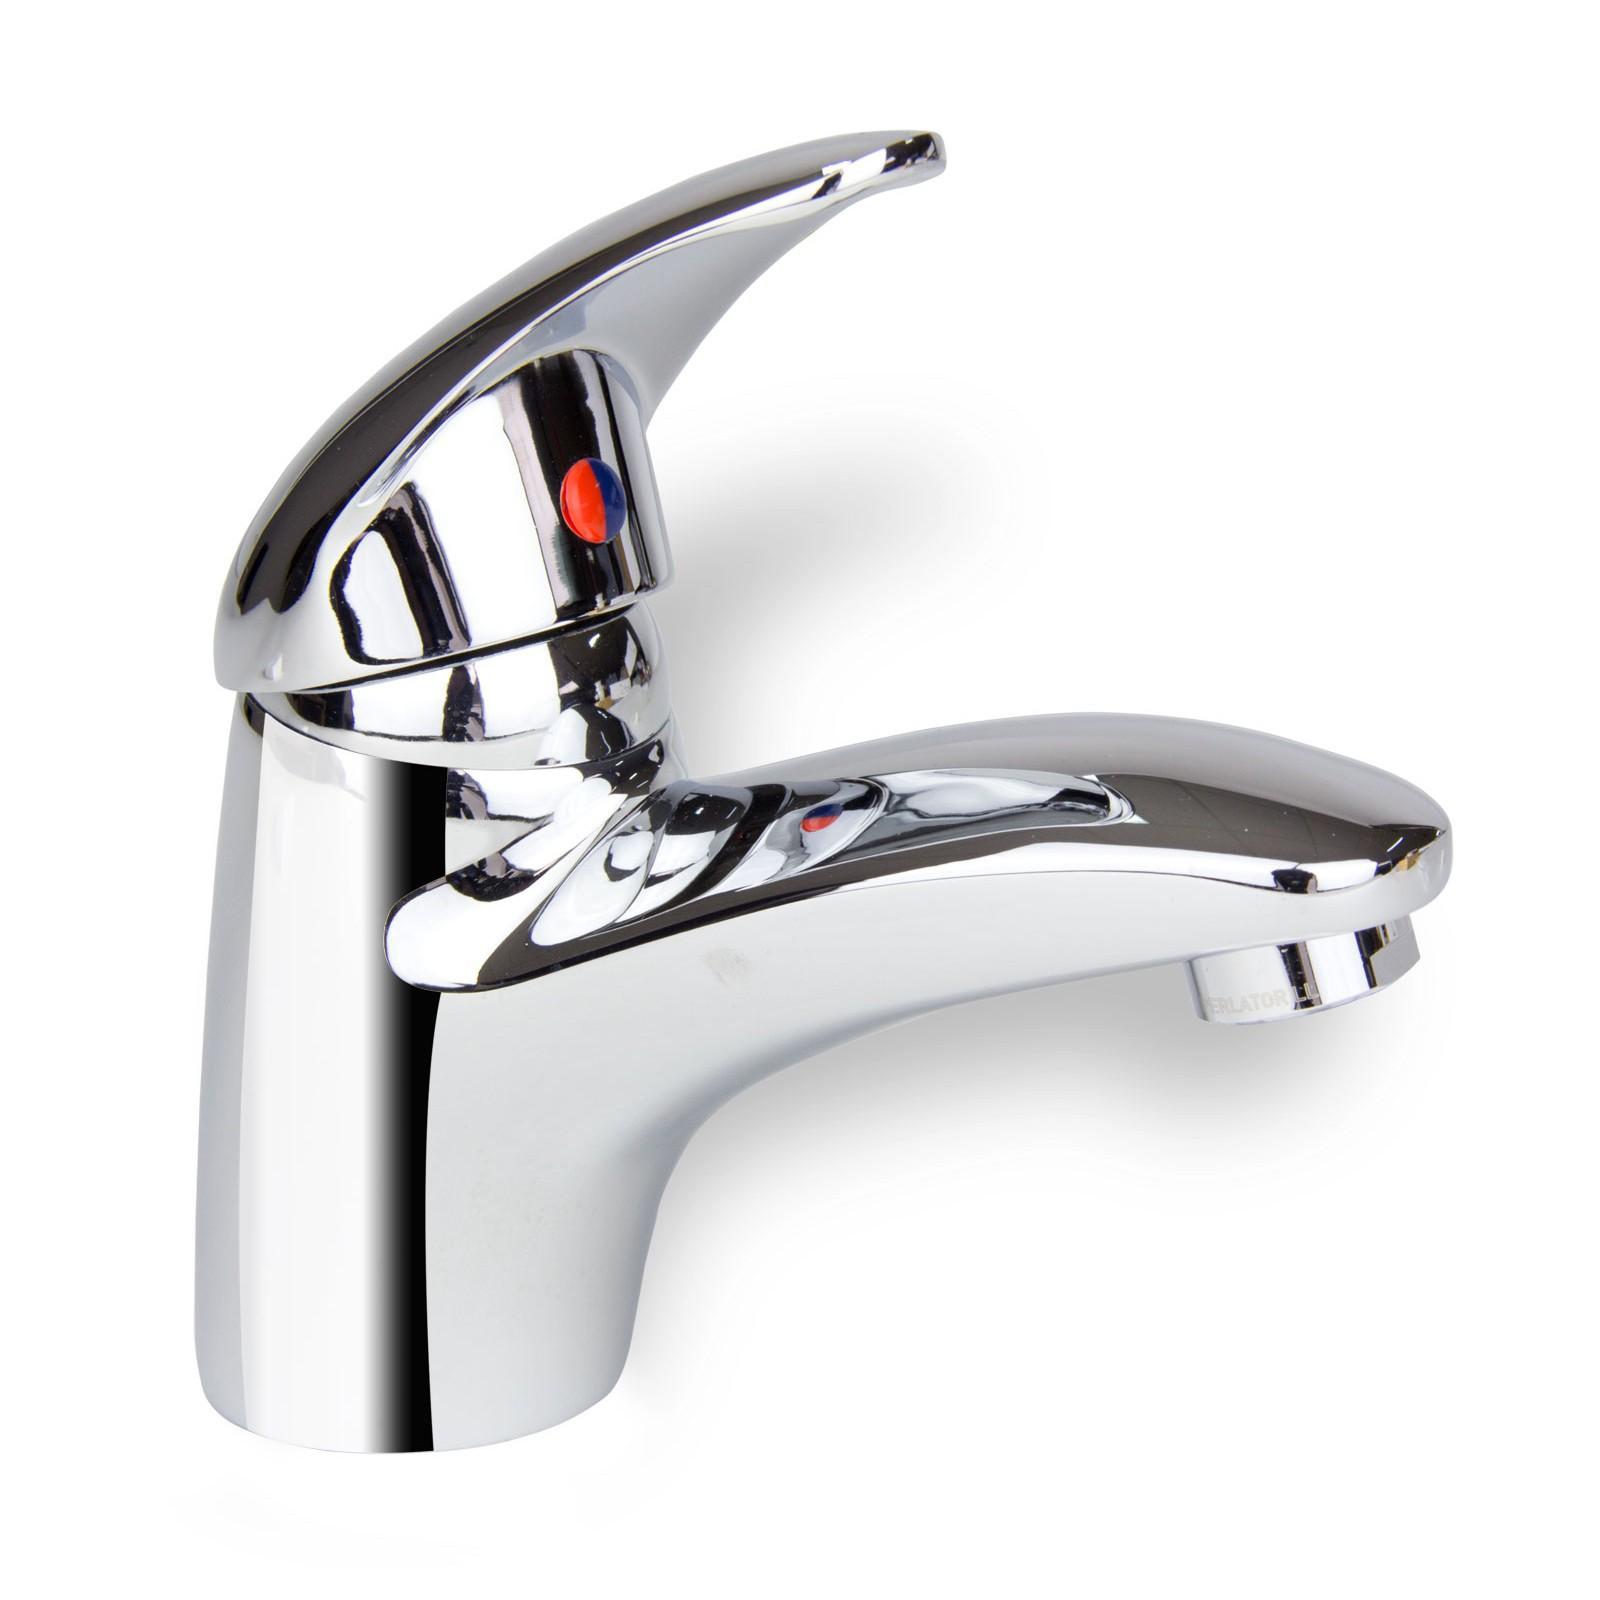 Details zu Badarmatur Mailand Mischbatterie Waschbecken Einhebelmischer Bad  Wasserhahn